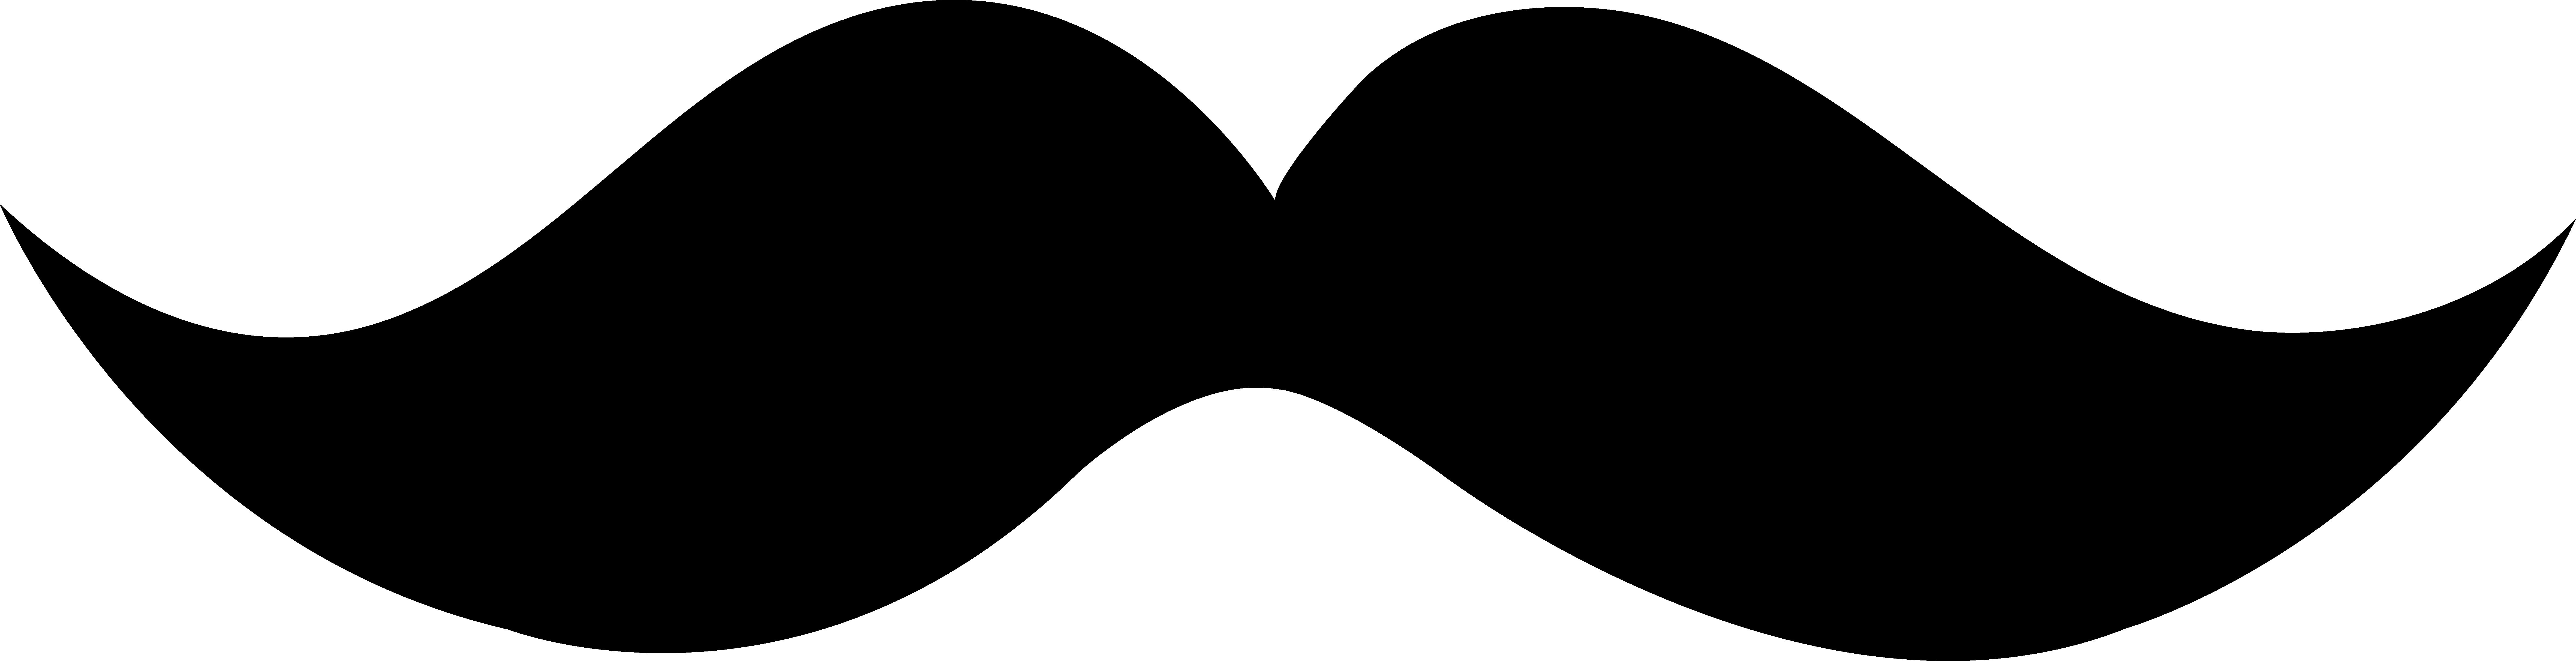 Moustache Logo Vector - ClipArt Best